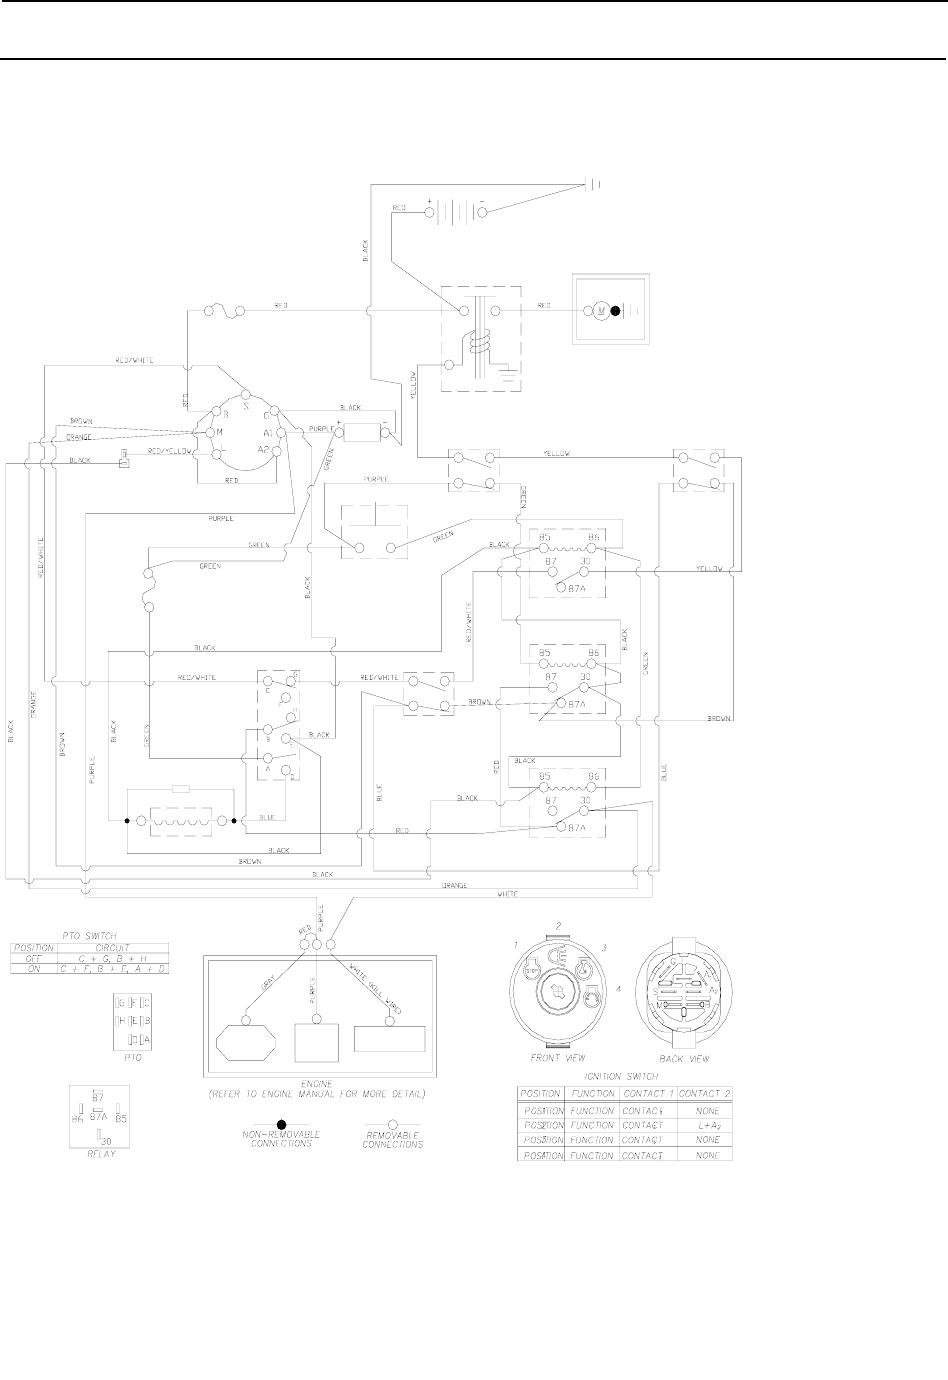 Husqvarna 968999291 Users Manual OM, EZ 4217 KAA/ 4819 4824 BI/ 5221 on